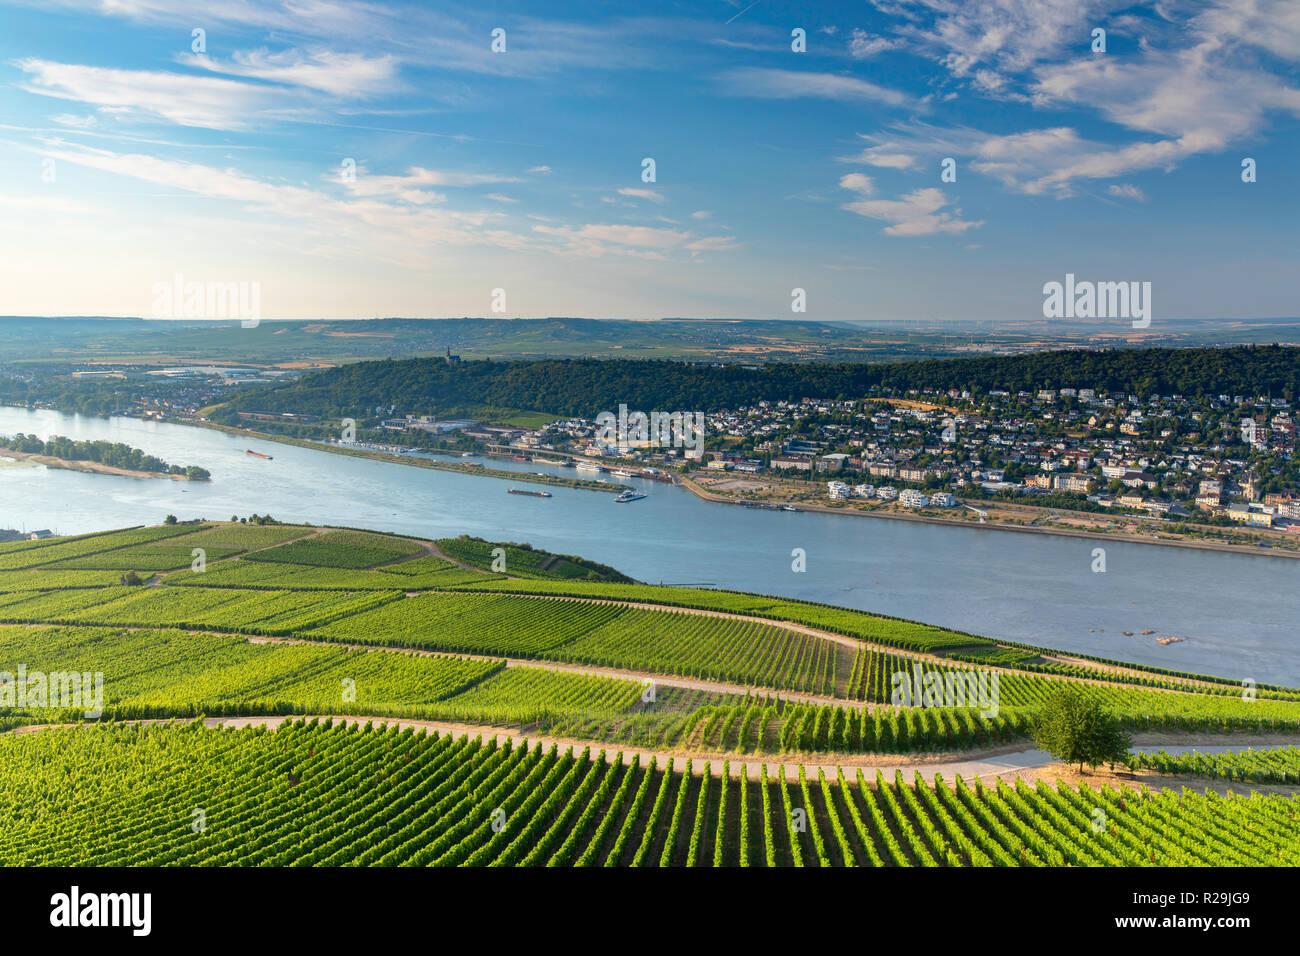 Vineyards and River Rhine, Rudesheim, Rhineland-Palatinate, Germany - Stock Image